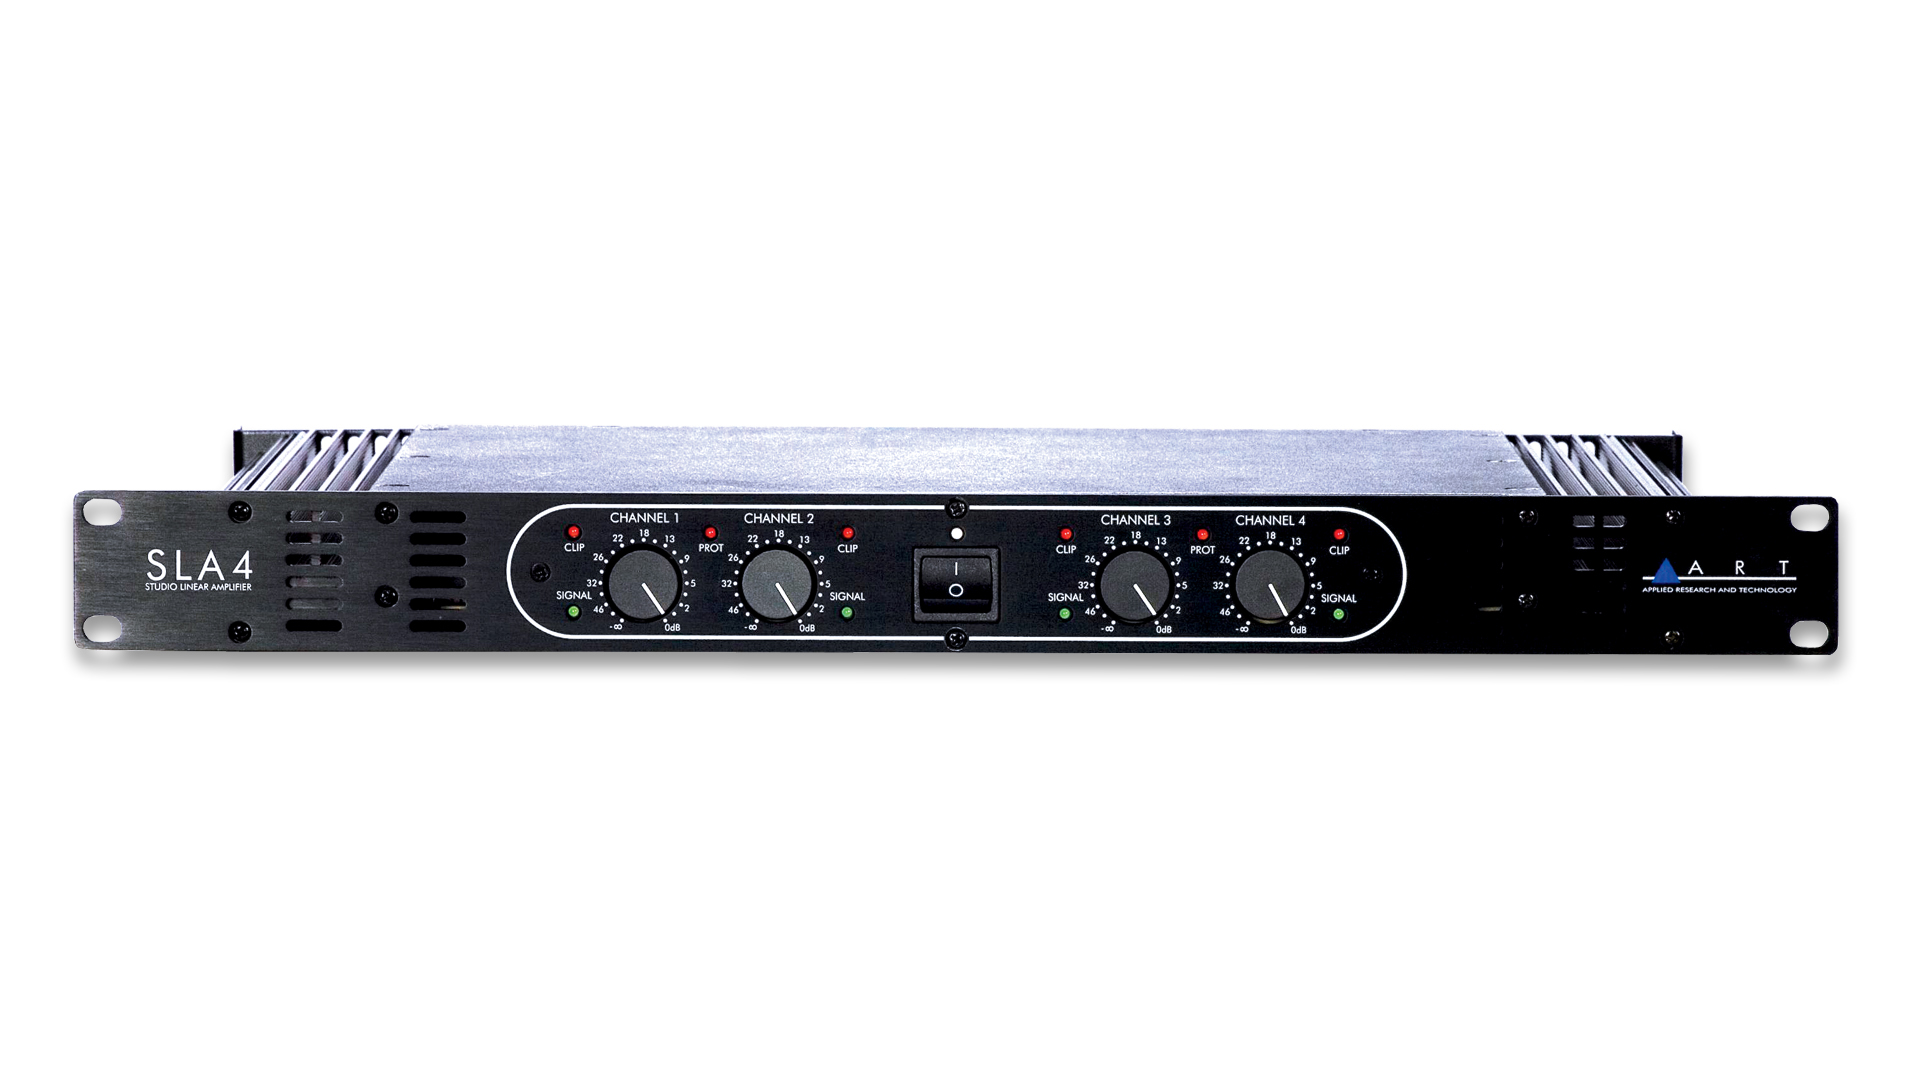 Sla 4 4x140w Power Amplifier Art Pro Audio Amplifiers Overview